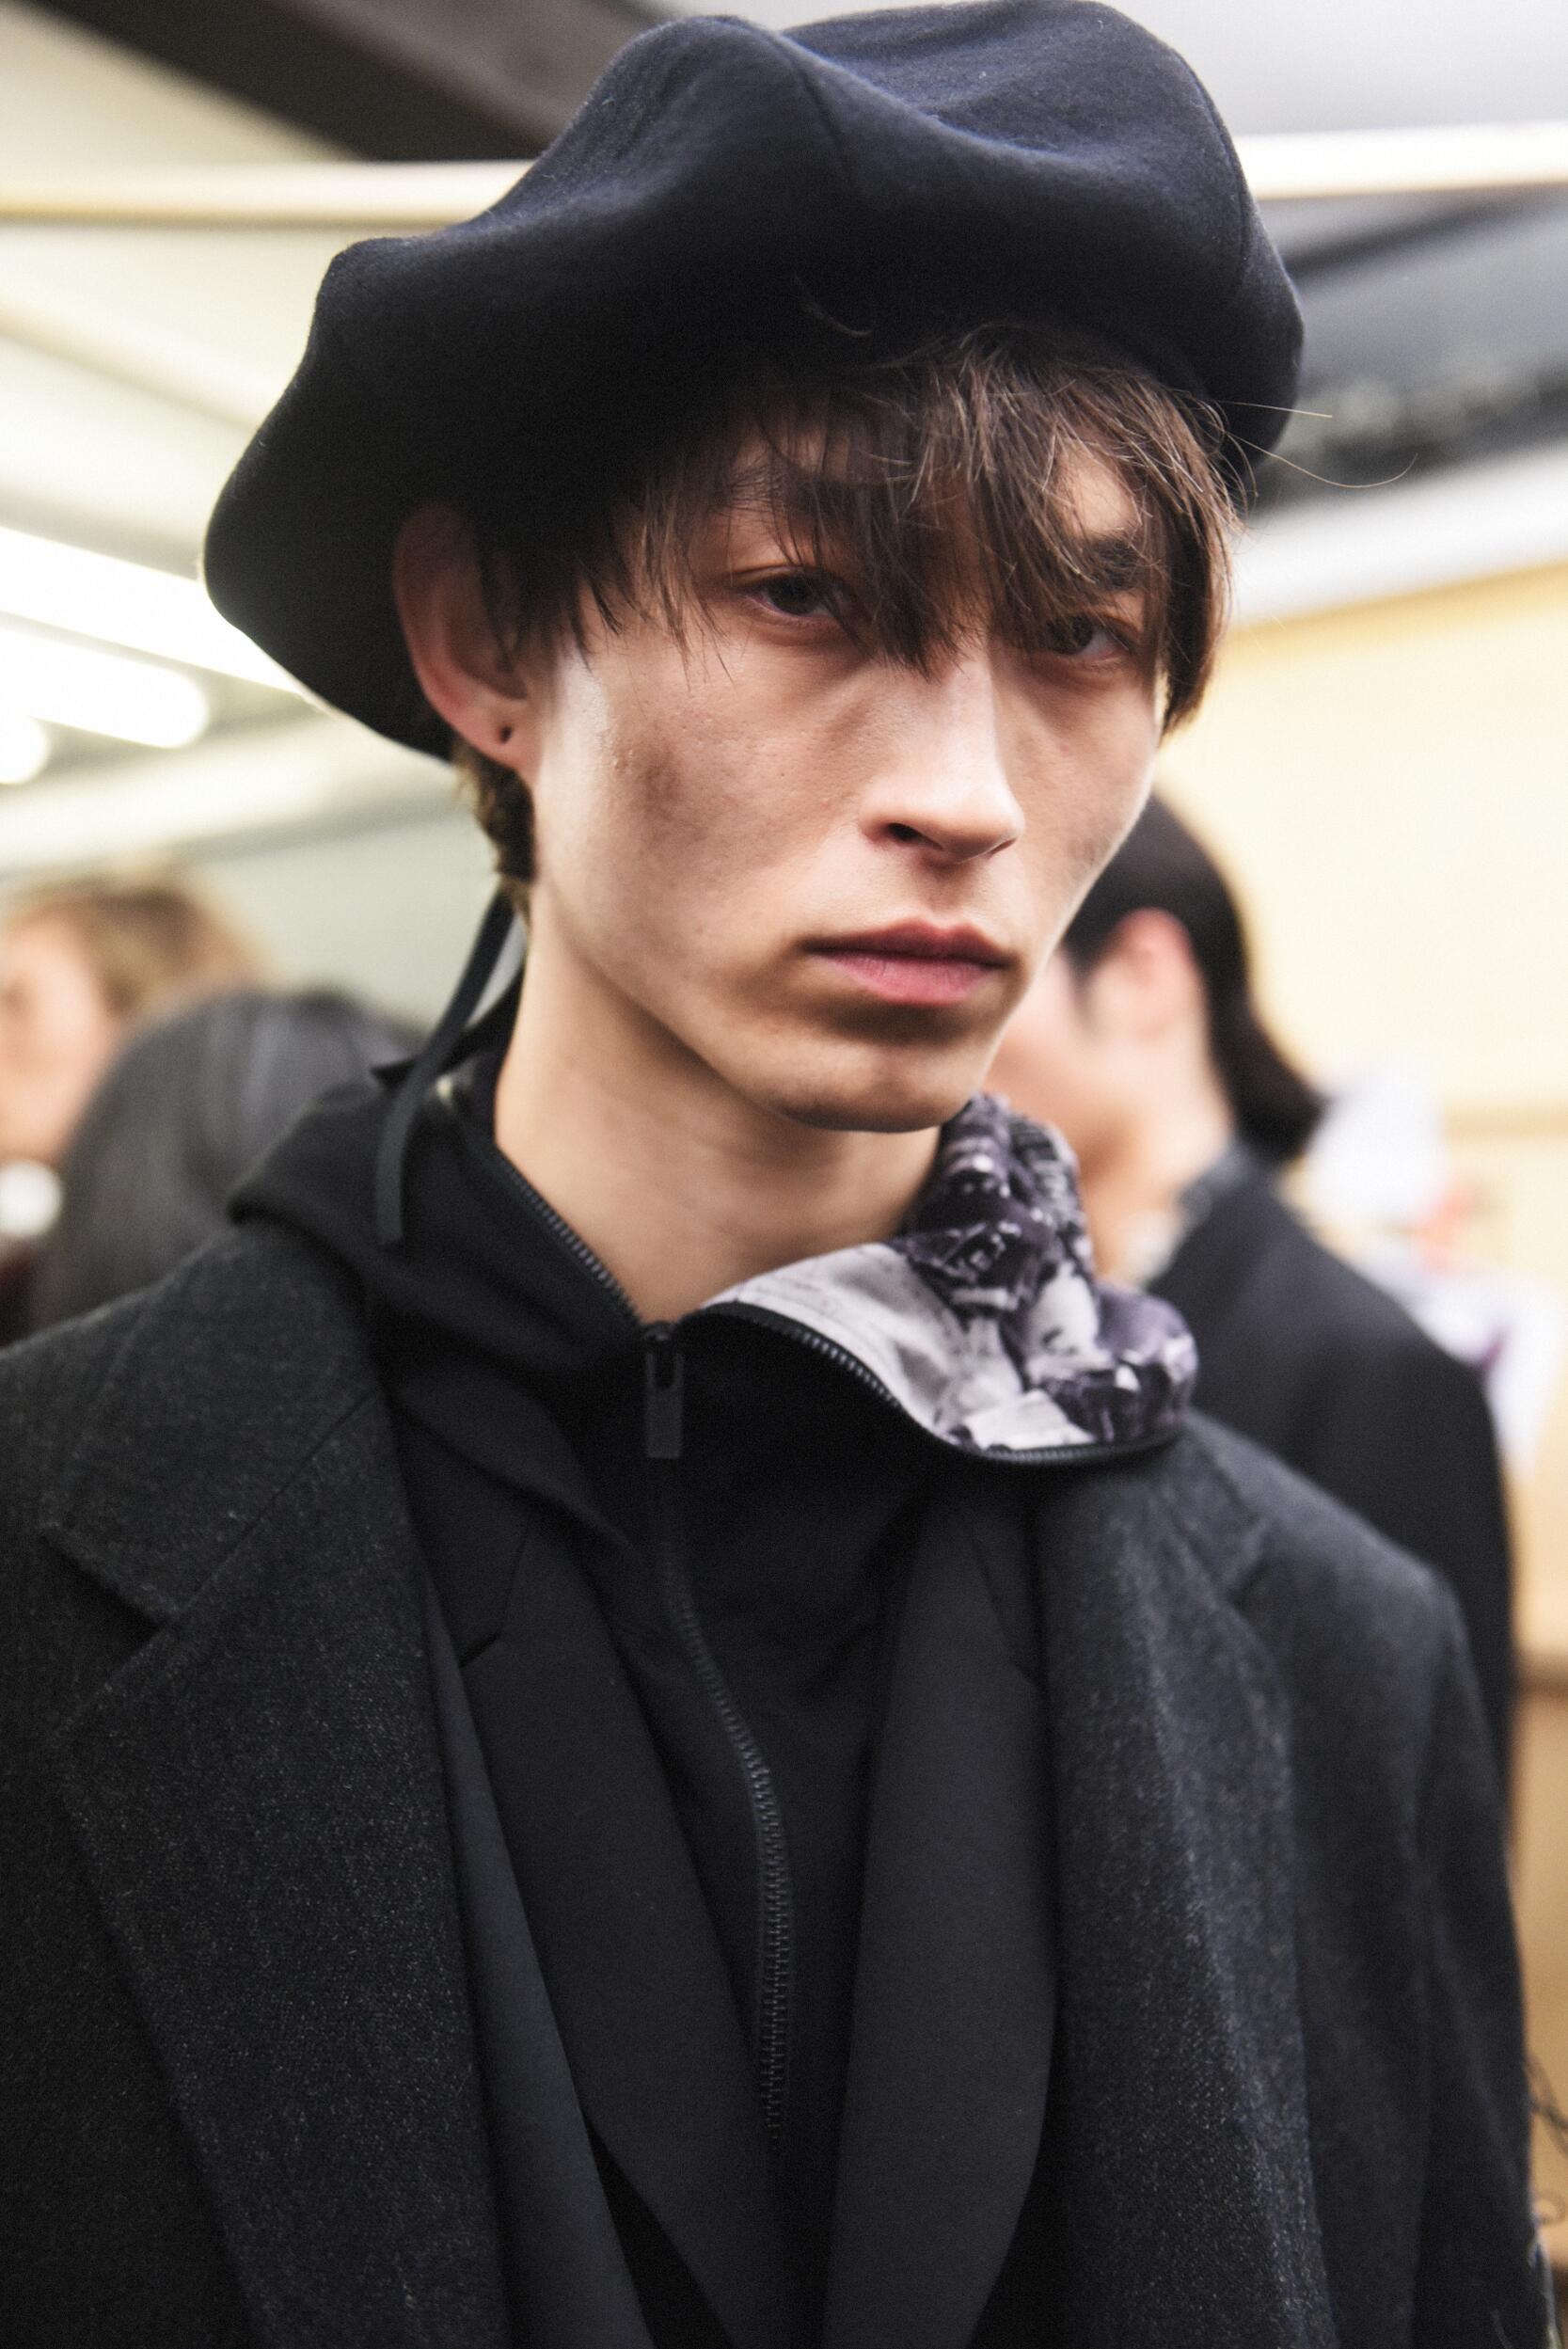 Backstage Yohji Yamamoto Fall Menswear 2020